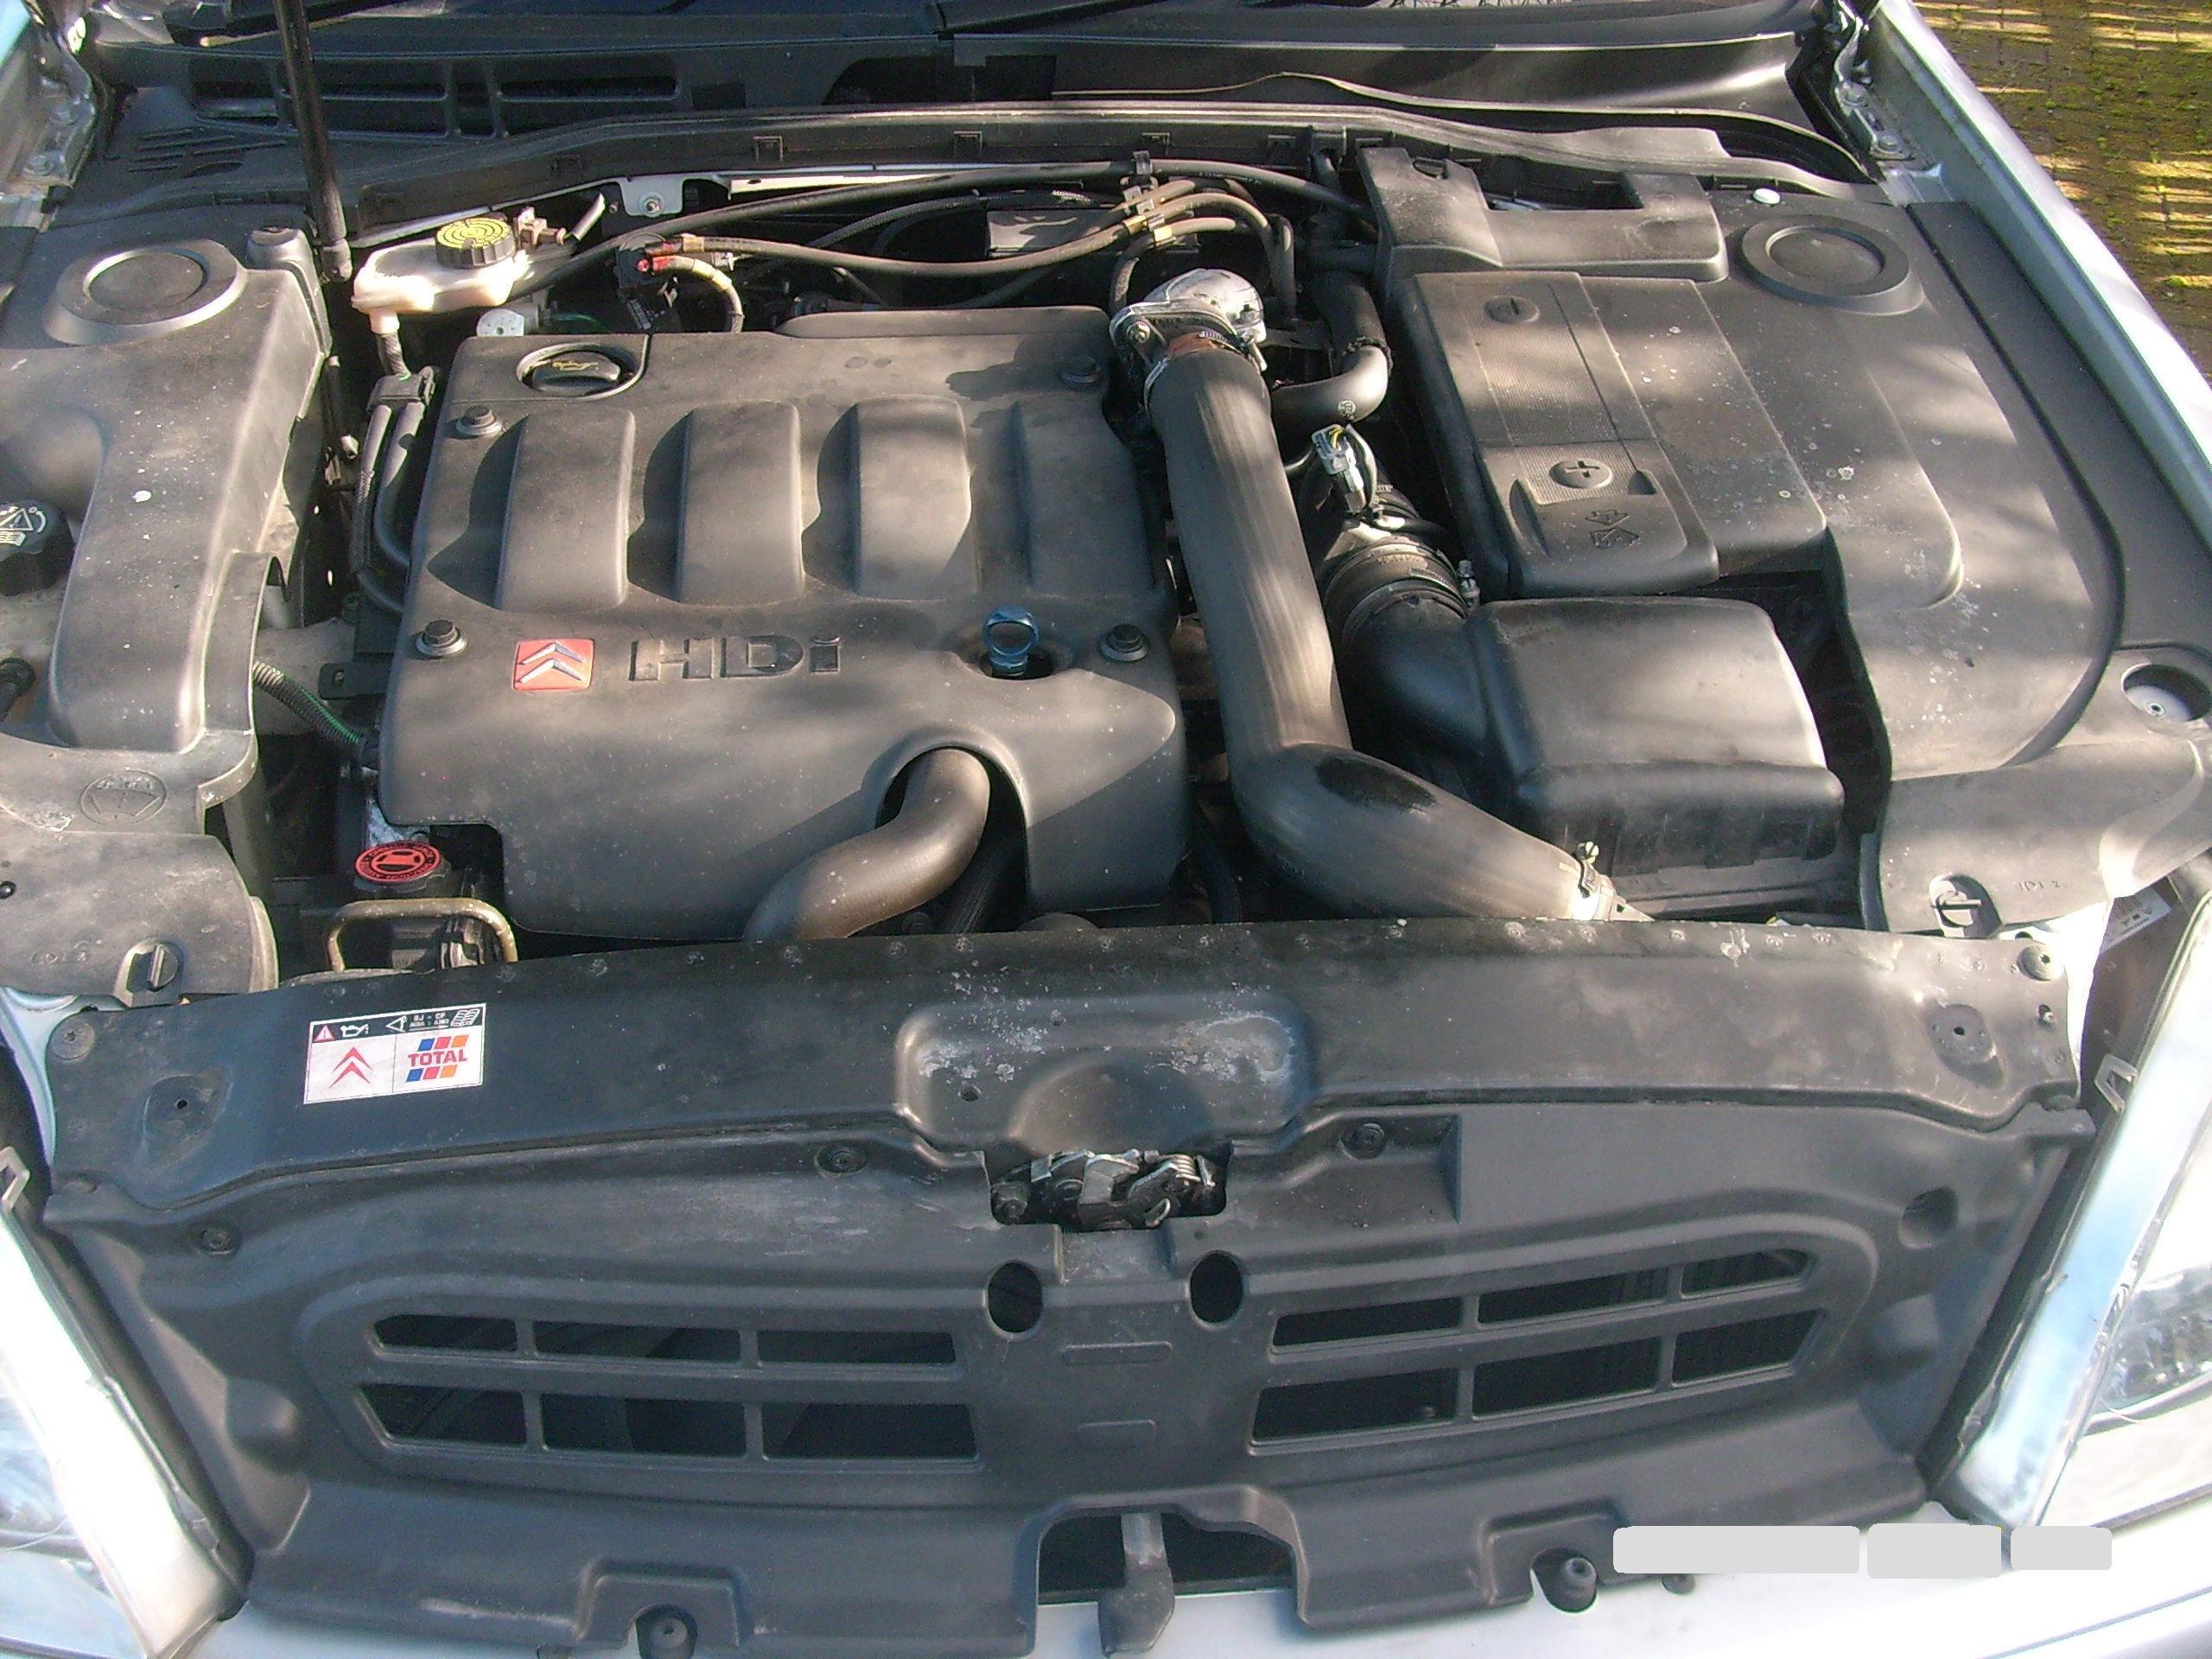 2003 Citroen Xsara Desire 2.0 HDi 110 BHP For Sale (picture 4 of 7)